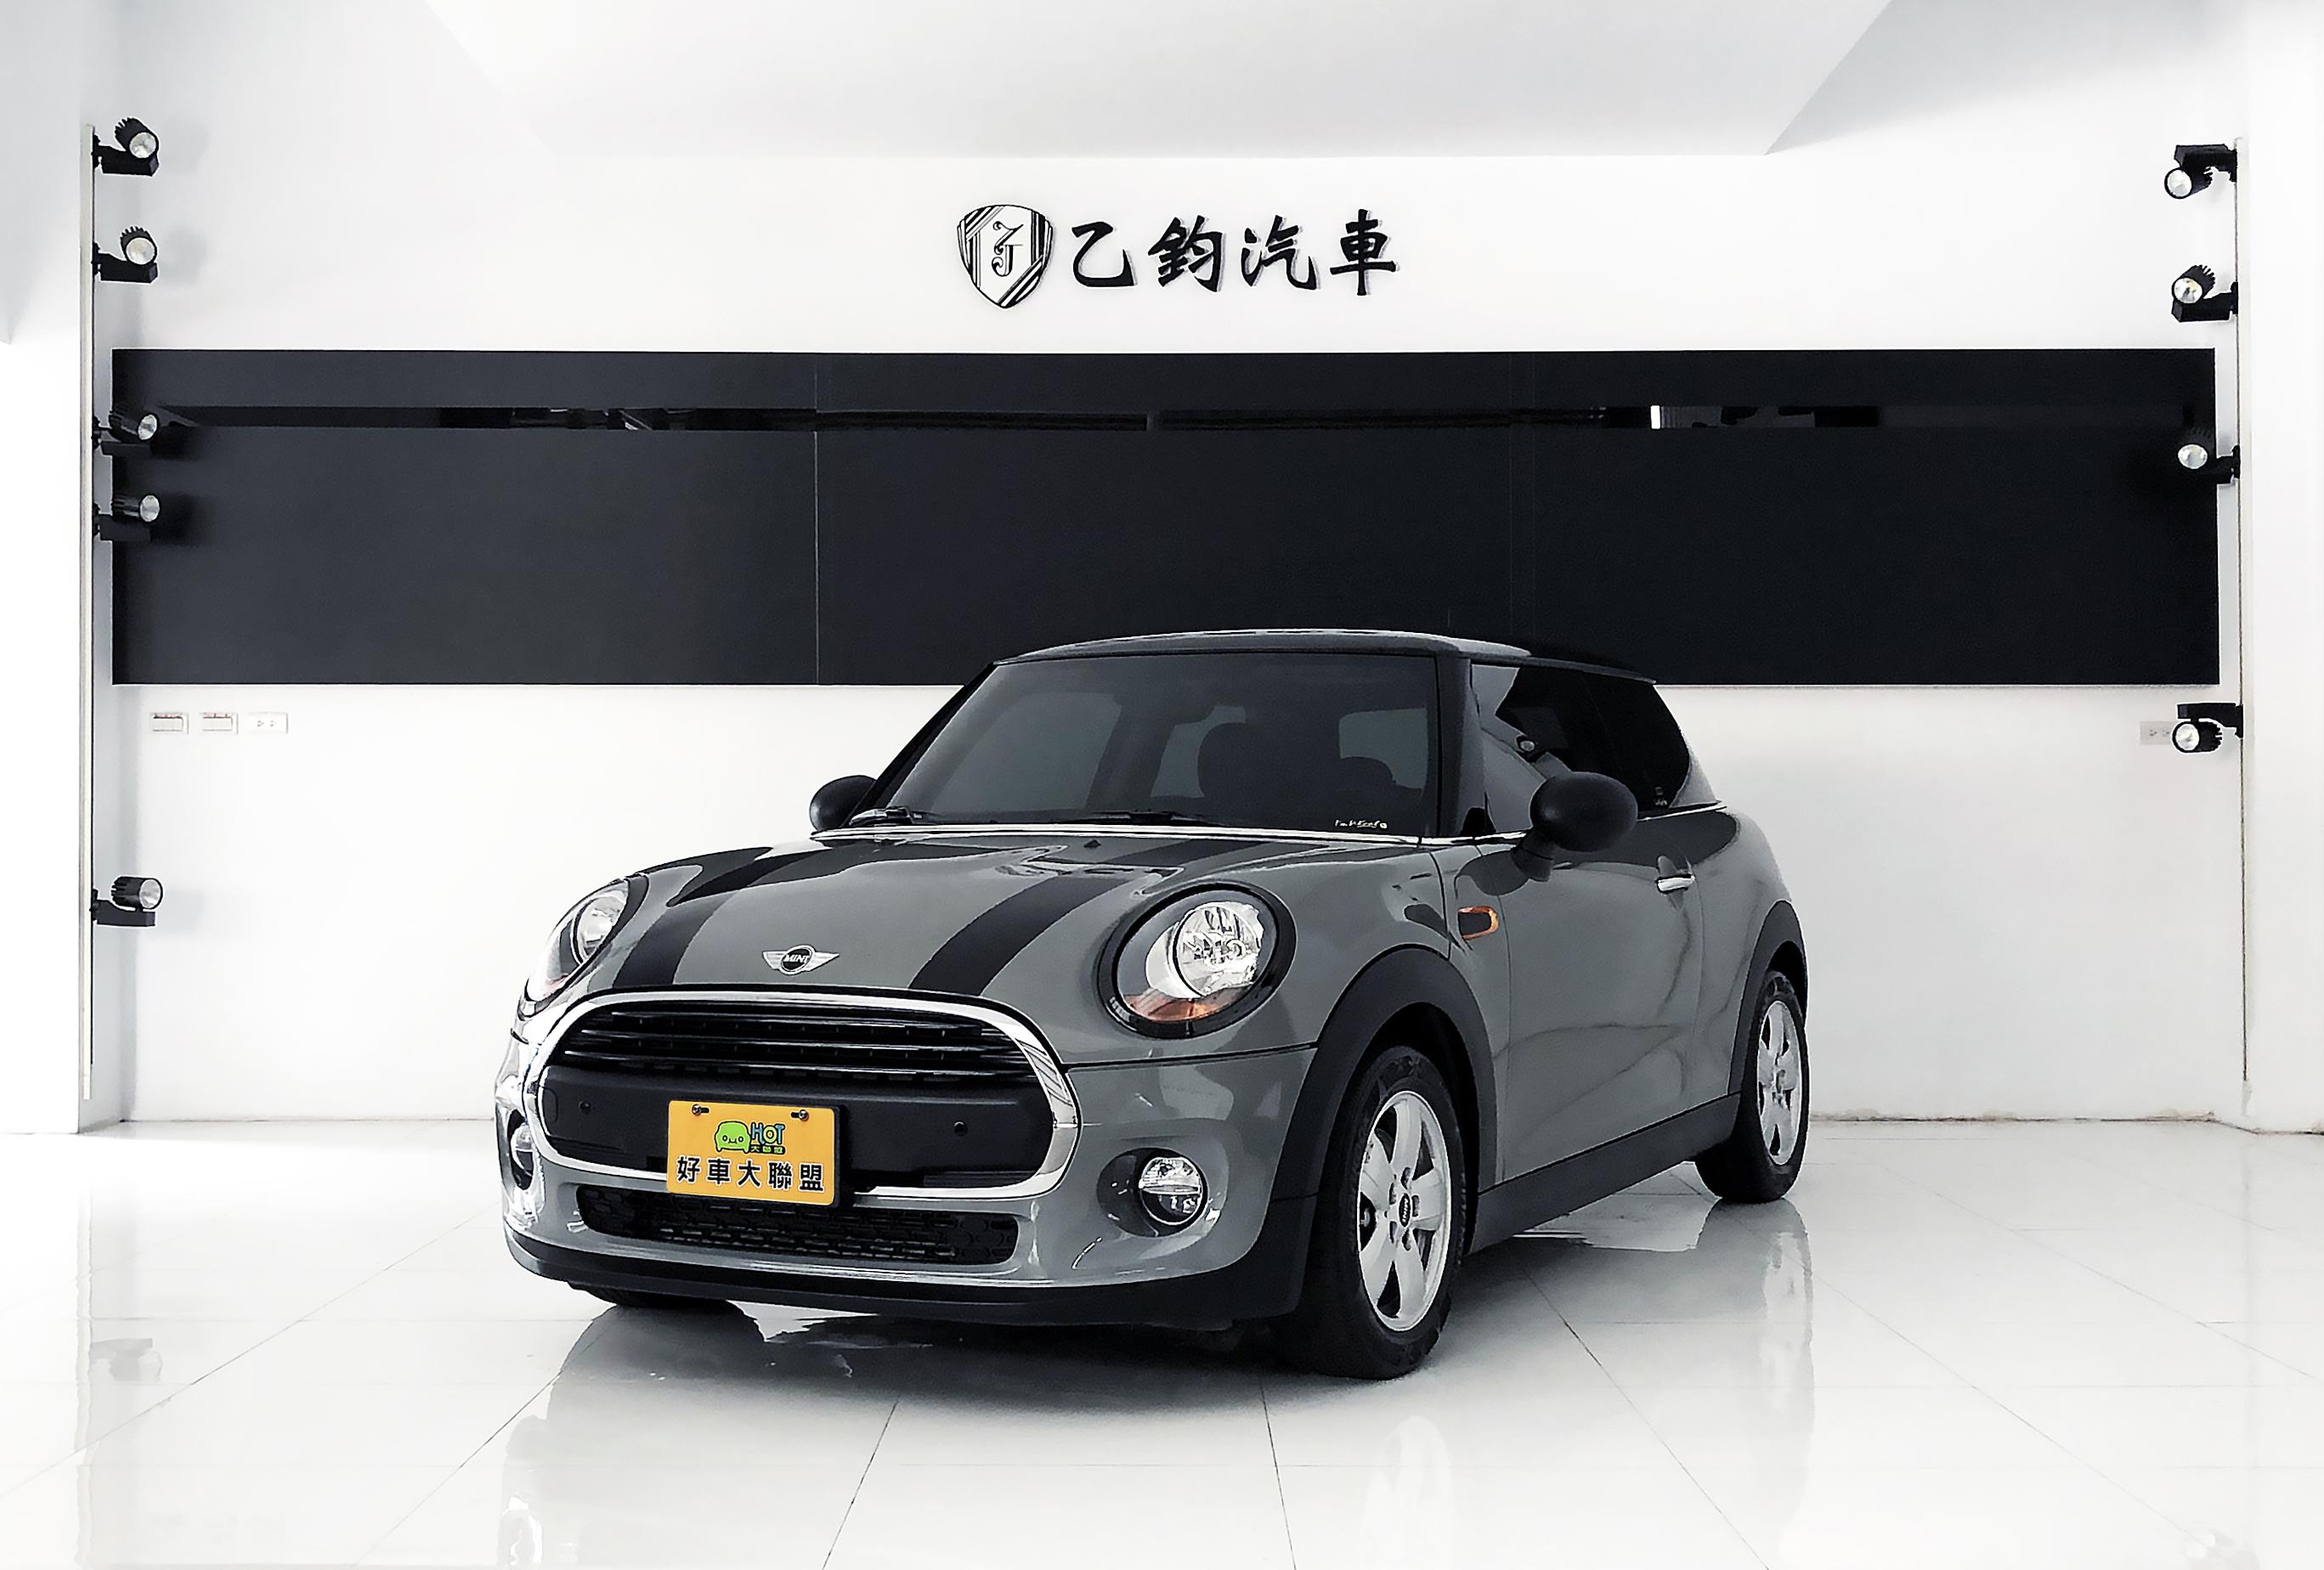 2017 Mini 迷你 Hatch